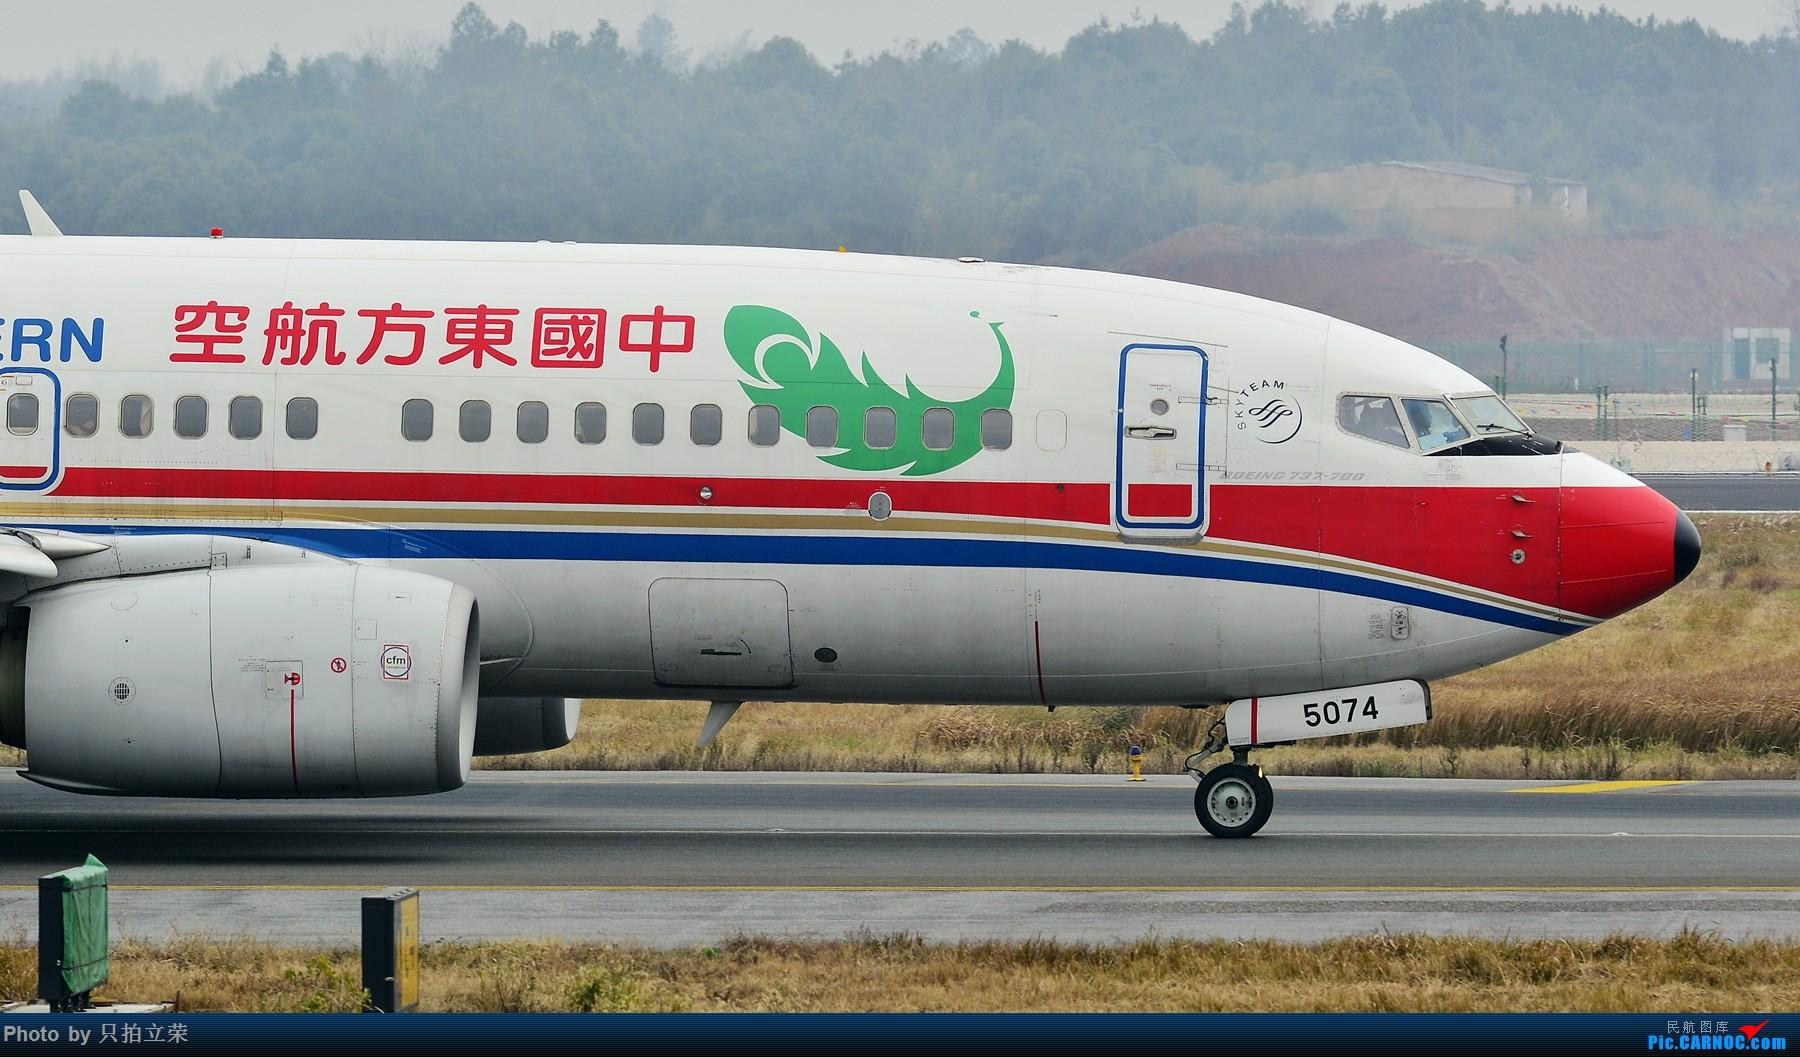 Re:[原创]长沙飞友会之--很久没拍机了,只拍立荣重回黄花! BOEING 737-700 B-5074 中国长沙黄花国际机场